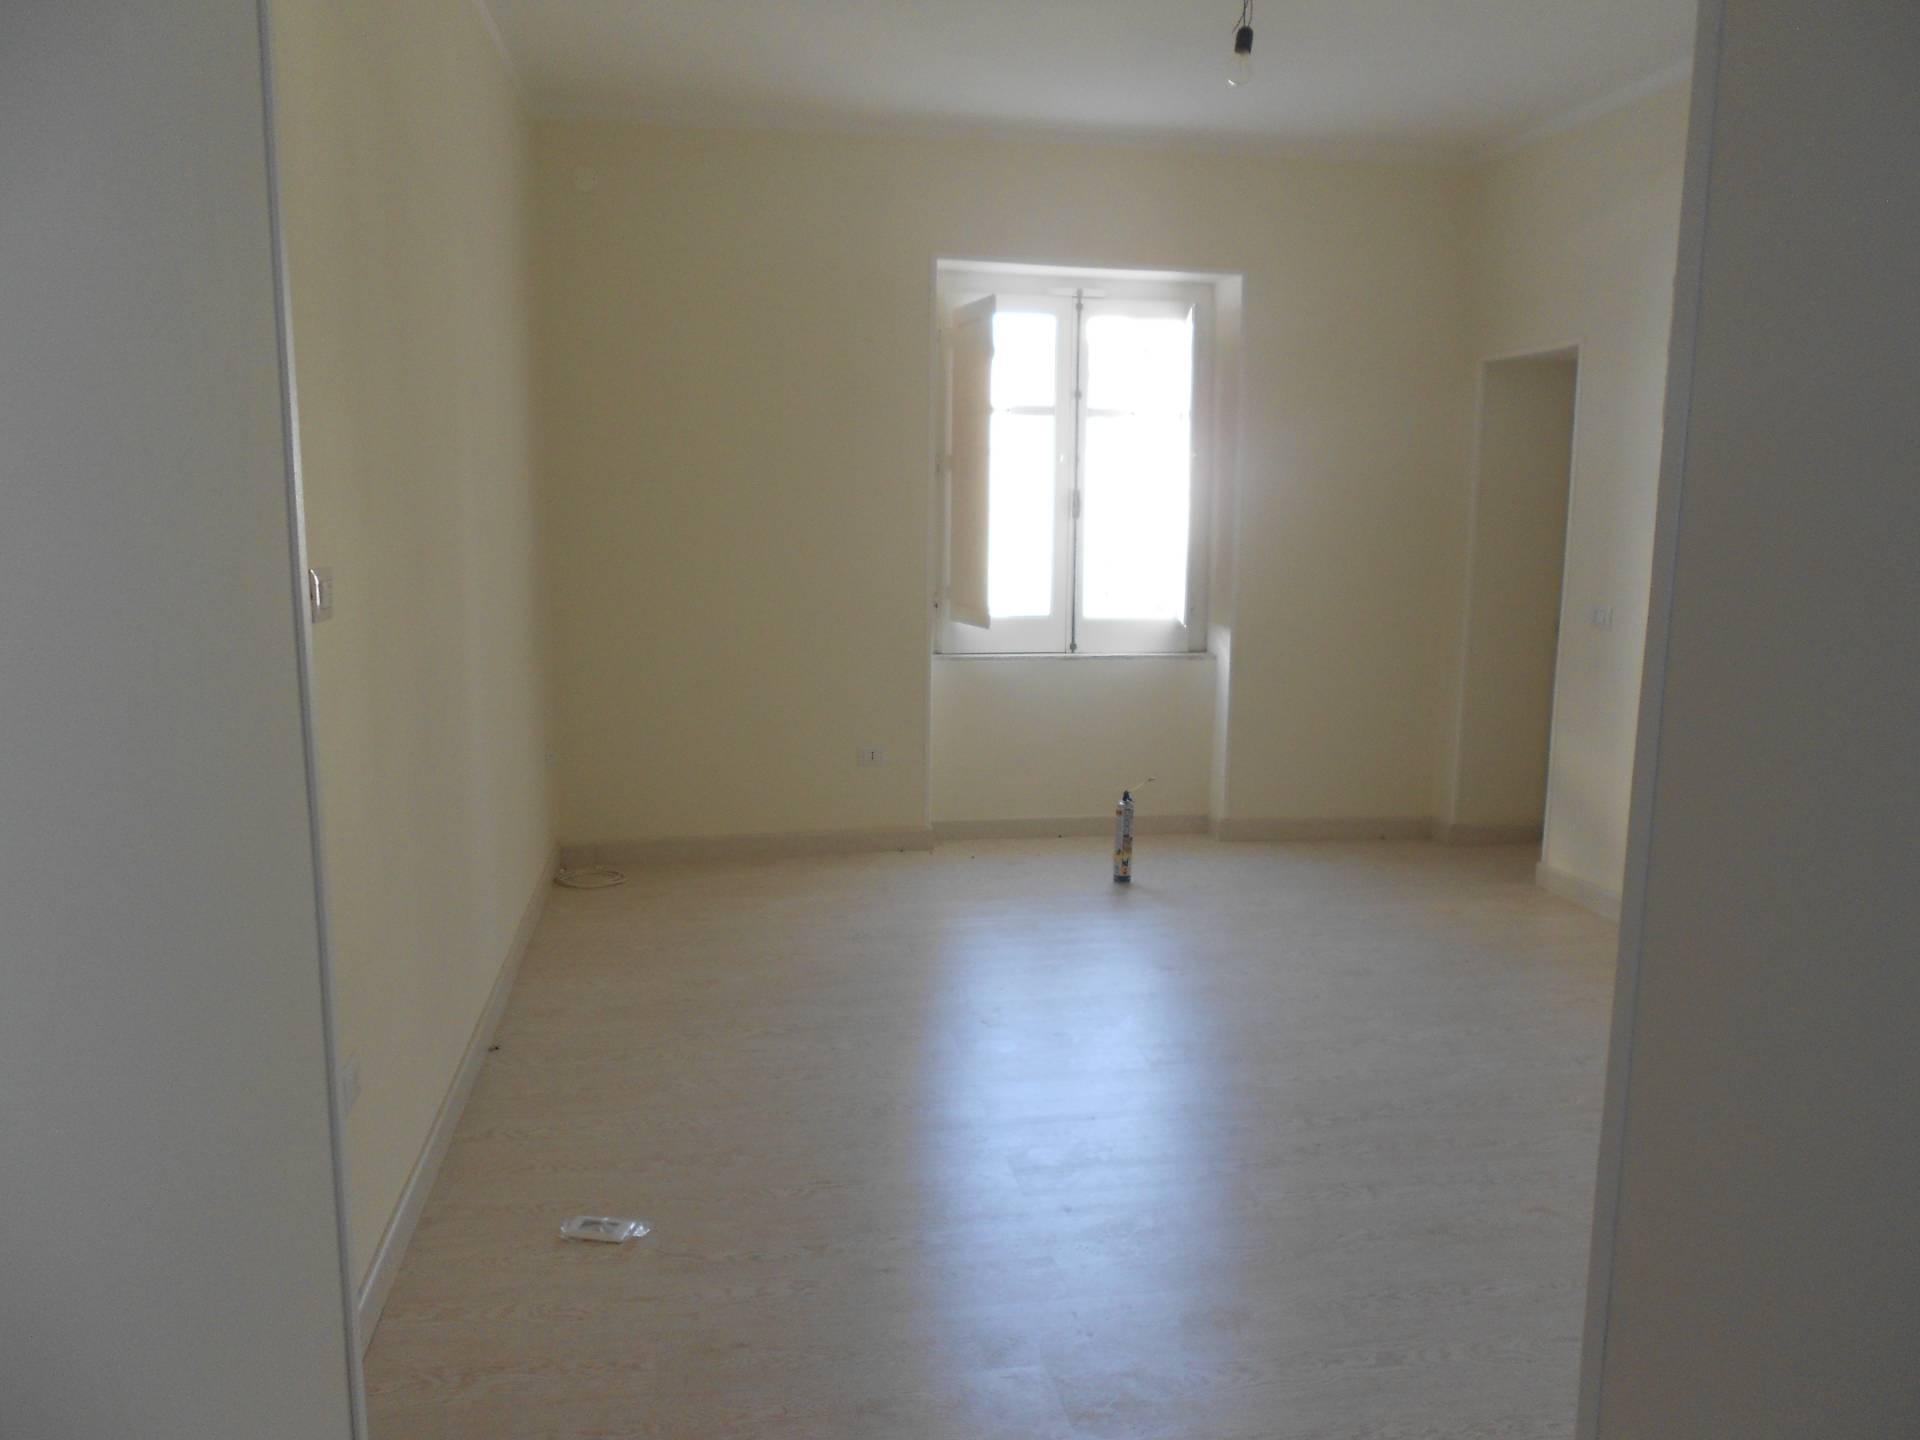 Appartamento in vendita a Telese Terme, 3 locali, prezzo € 55.000 | CambioCasa.it